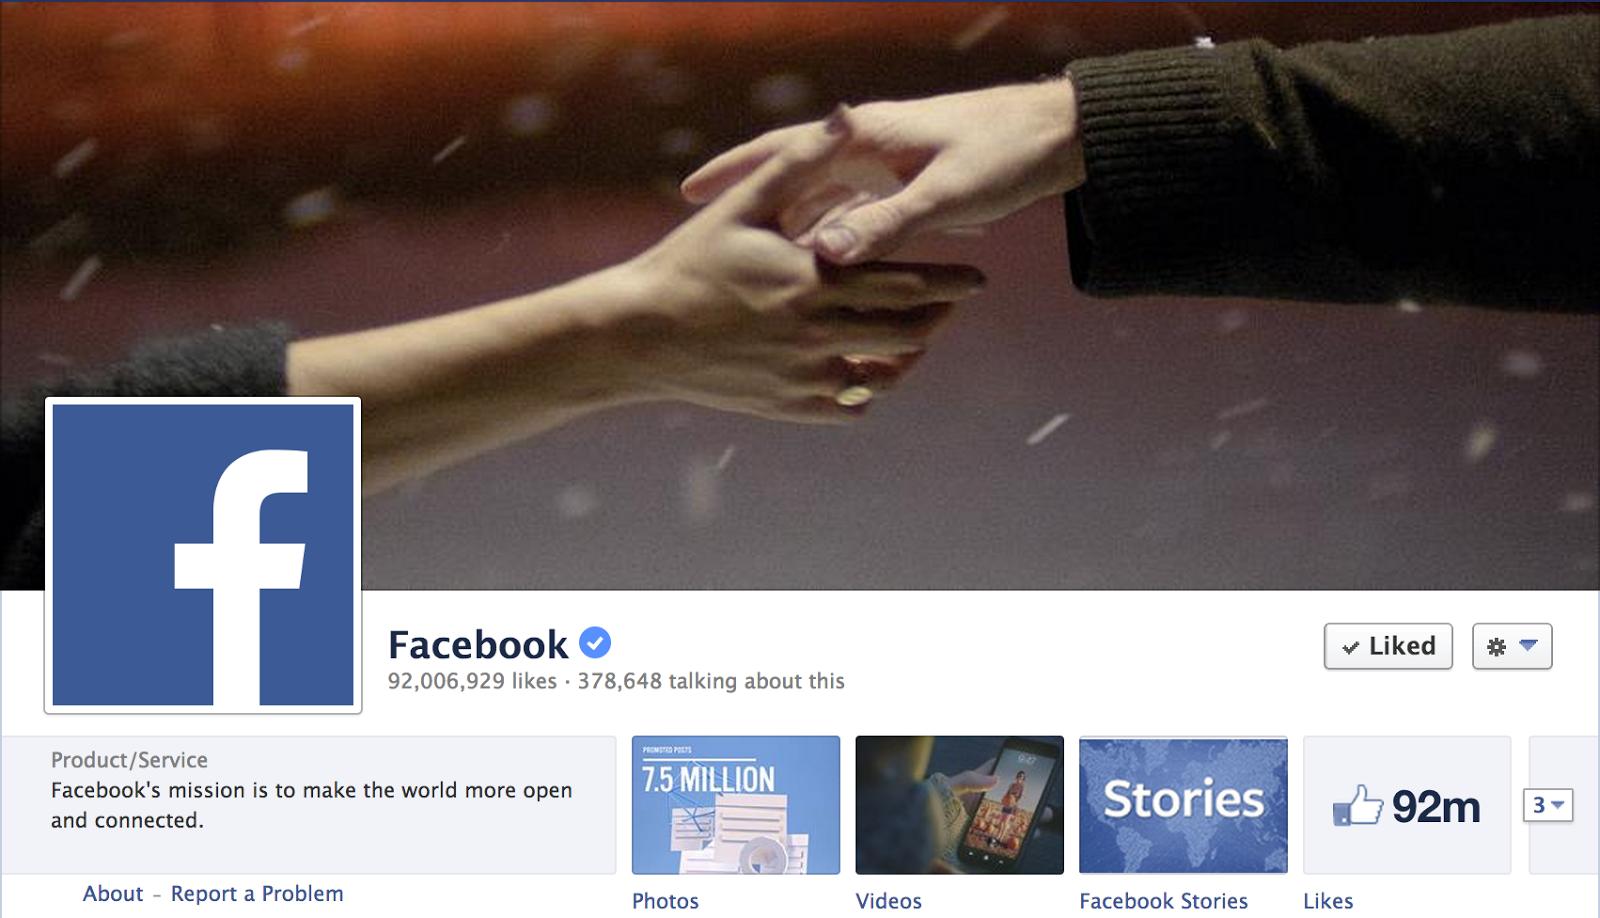 توثيق صفحتك على الفيسبوك والحصول على العلامة الزرقاء في ظرف أسبوع فقط